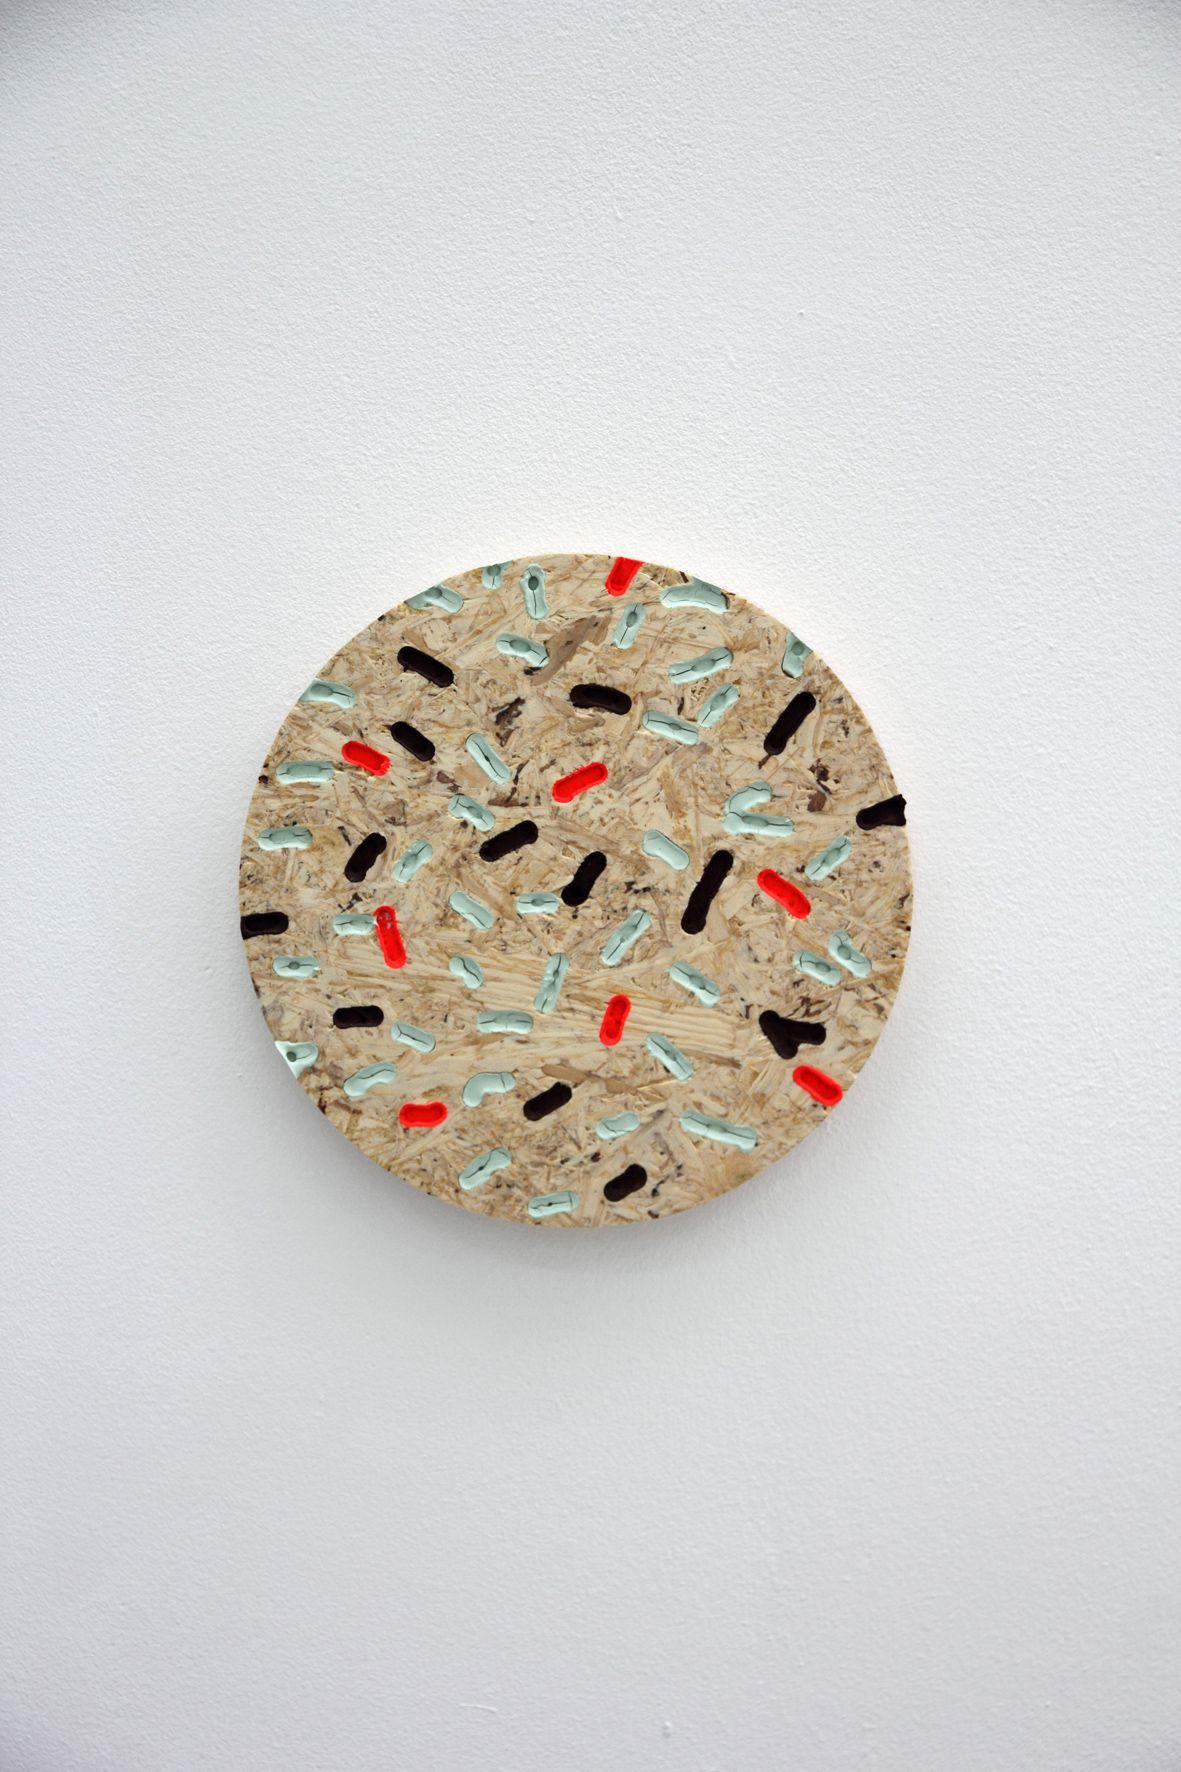 benoit-gehanne-gresil-2015-1-acrylique-sur-bois-20cm-de-diametre-c5c029adffa4121c0f1e95db60253896